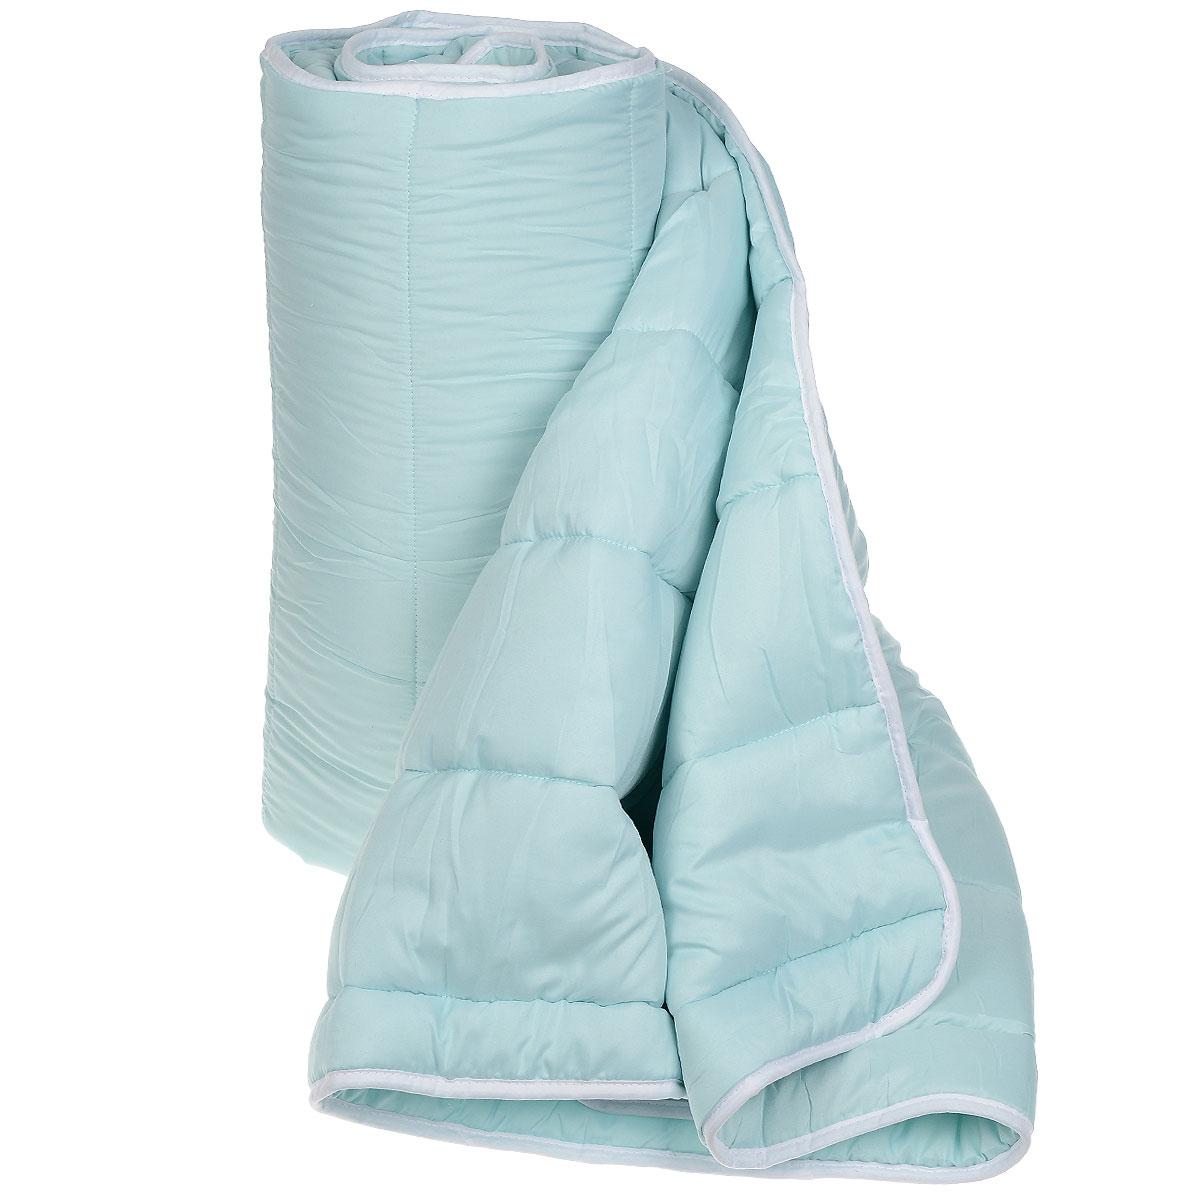 Одеяло всесезонное OL-Tex Miotex, наполнитель: полиэфирное волокно Holfiteks, 172 х 205 см МХПЭ-18-3МХПЭ-18-3_голубойВсесезонное одеяло OL-Tex Miotex создаст комфорт и уют во время сна. Стеганый чехол выполнен из полиэстера и оформлен красивым рисунком. Внутри - наполнитель из полиэфирного высокосиликонизированного волокна Holfiteks, упругий и качественный. Холфитекс - современный экологически чистый синтетический материал, изготовленный по новейшим технологиям. Его уникальность заключается в расположении волокон, которые позволяют моментально восстанавливать форму и сохранять ее долгое время. Изделия с использованием Холфитекса очень удобны в эксплуатации - их можно часто стирать без потери потребительских свойств, они быстро высыхают, не впитывают запахов и совершенно гиппоаллергенны. Холфитекс также обеспечивает хорошую терморегуляцию, поэтому изделия с наполнителем из холфитекса очень комфортны в использовании. Одеяло с наполнителем Холфитекс порадует вас в любое время года. Оно комфортно согревает и создает отличный микроклимат. За одеялом легко ухаживать, можно стирать в стиральной машинке.Рекомендации по уходу:- Ручная и машинная стирка при температуре 30°С.- Не гладить.- Не отбеливать. - Нельзя отжимать и сушить в стиральной машине.- Сушить вертикально. Размер одеяла: 172 см х 205 см. Материал чехла: 100% полиэстер. Материал наполнителя: полиэфирное высокосиликонизированное волокно Holfiteks. Плотность: 300 г/м2.